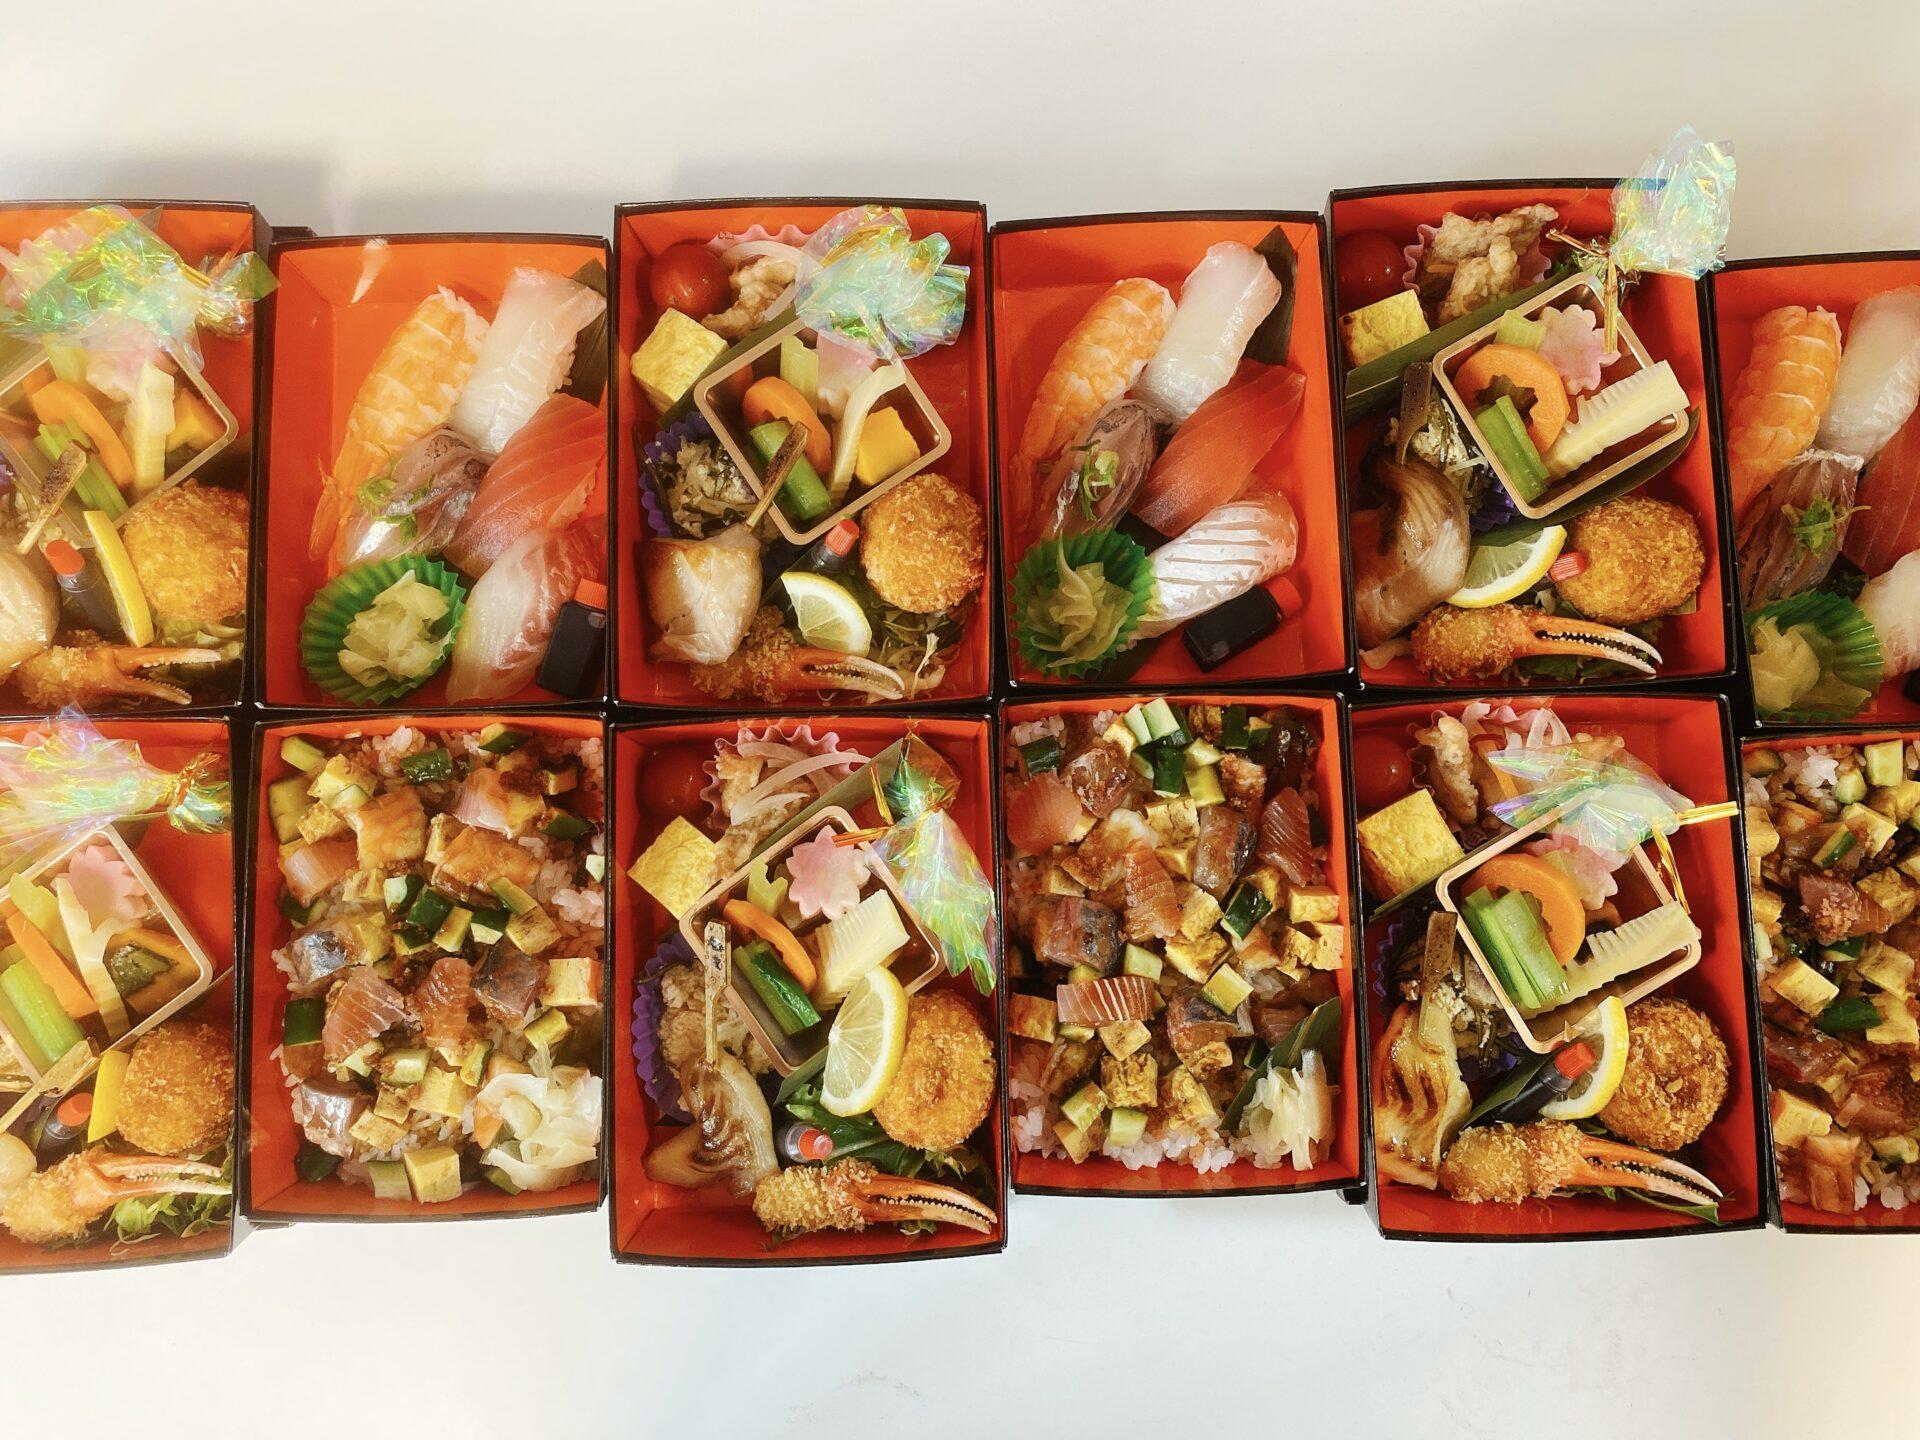 【岡山市南区のテイクアウト】海一の2段弁当は にぎり寿司 と ちらし寿司 の2種類で4月限定!ランチにおススメ!!